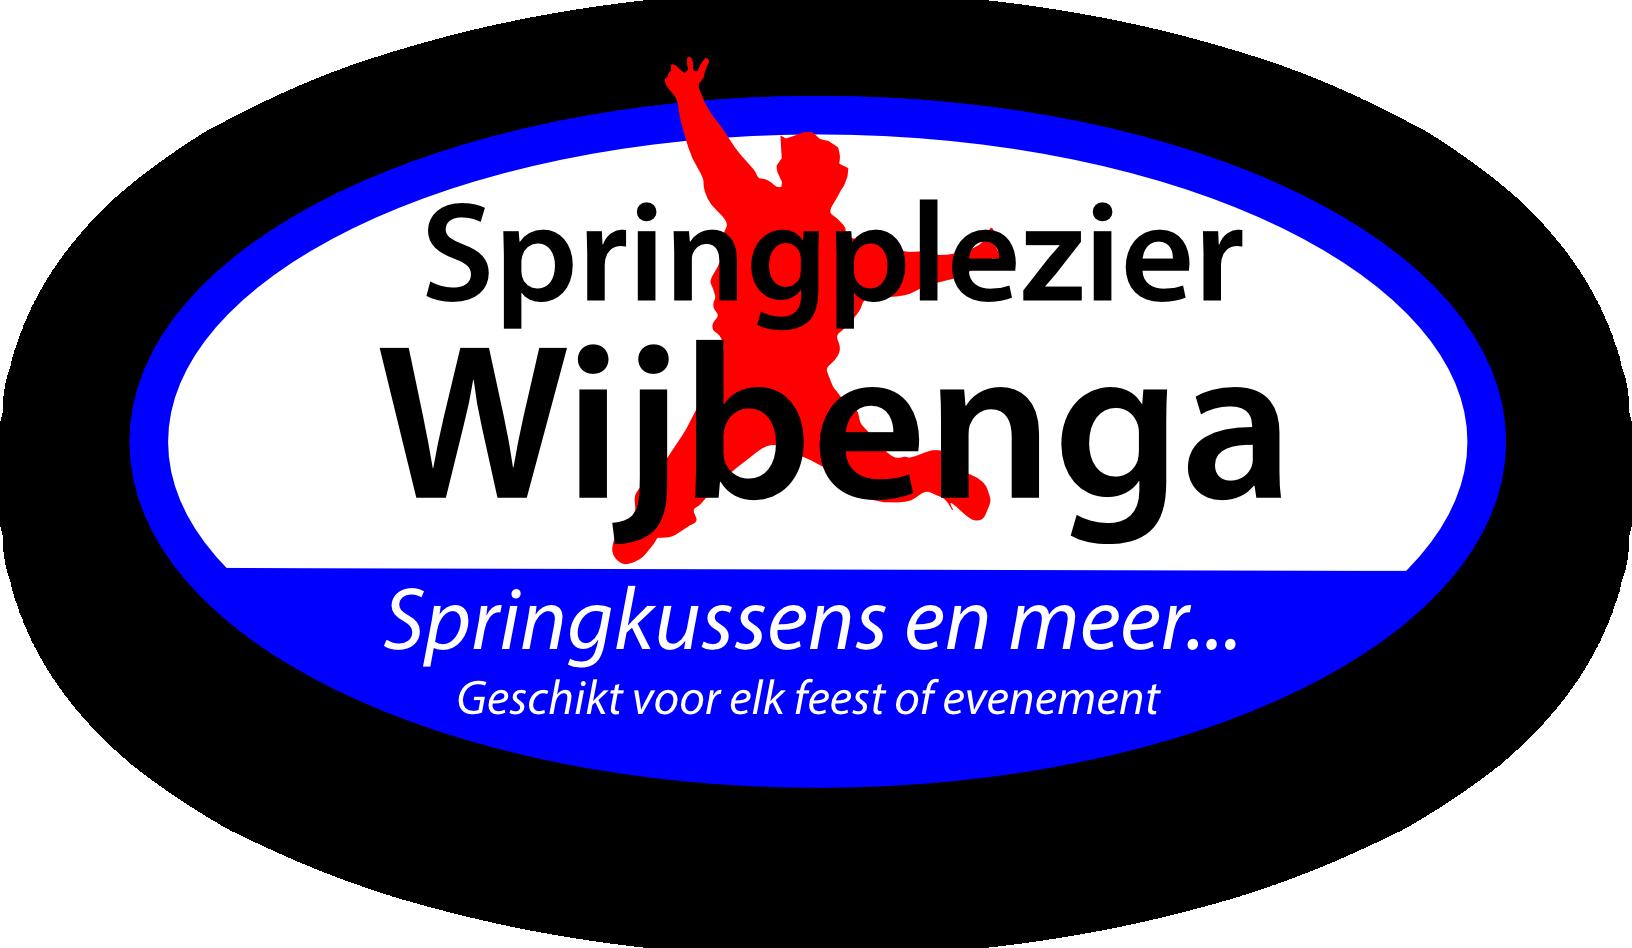 Springplezier Wijbenga